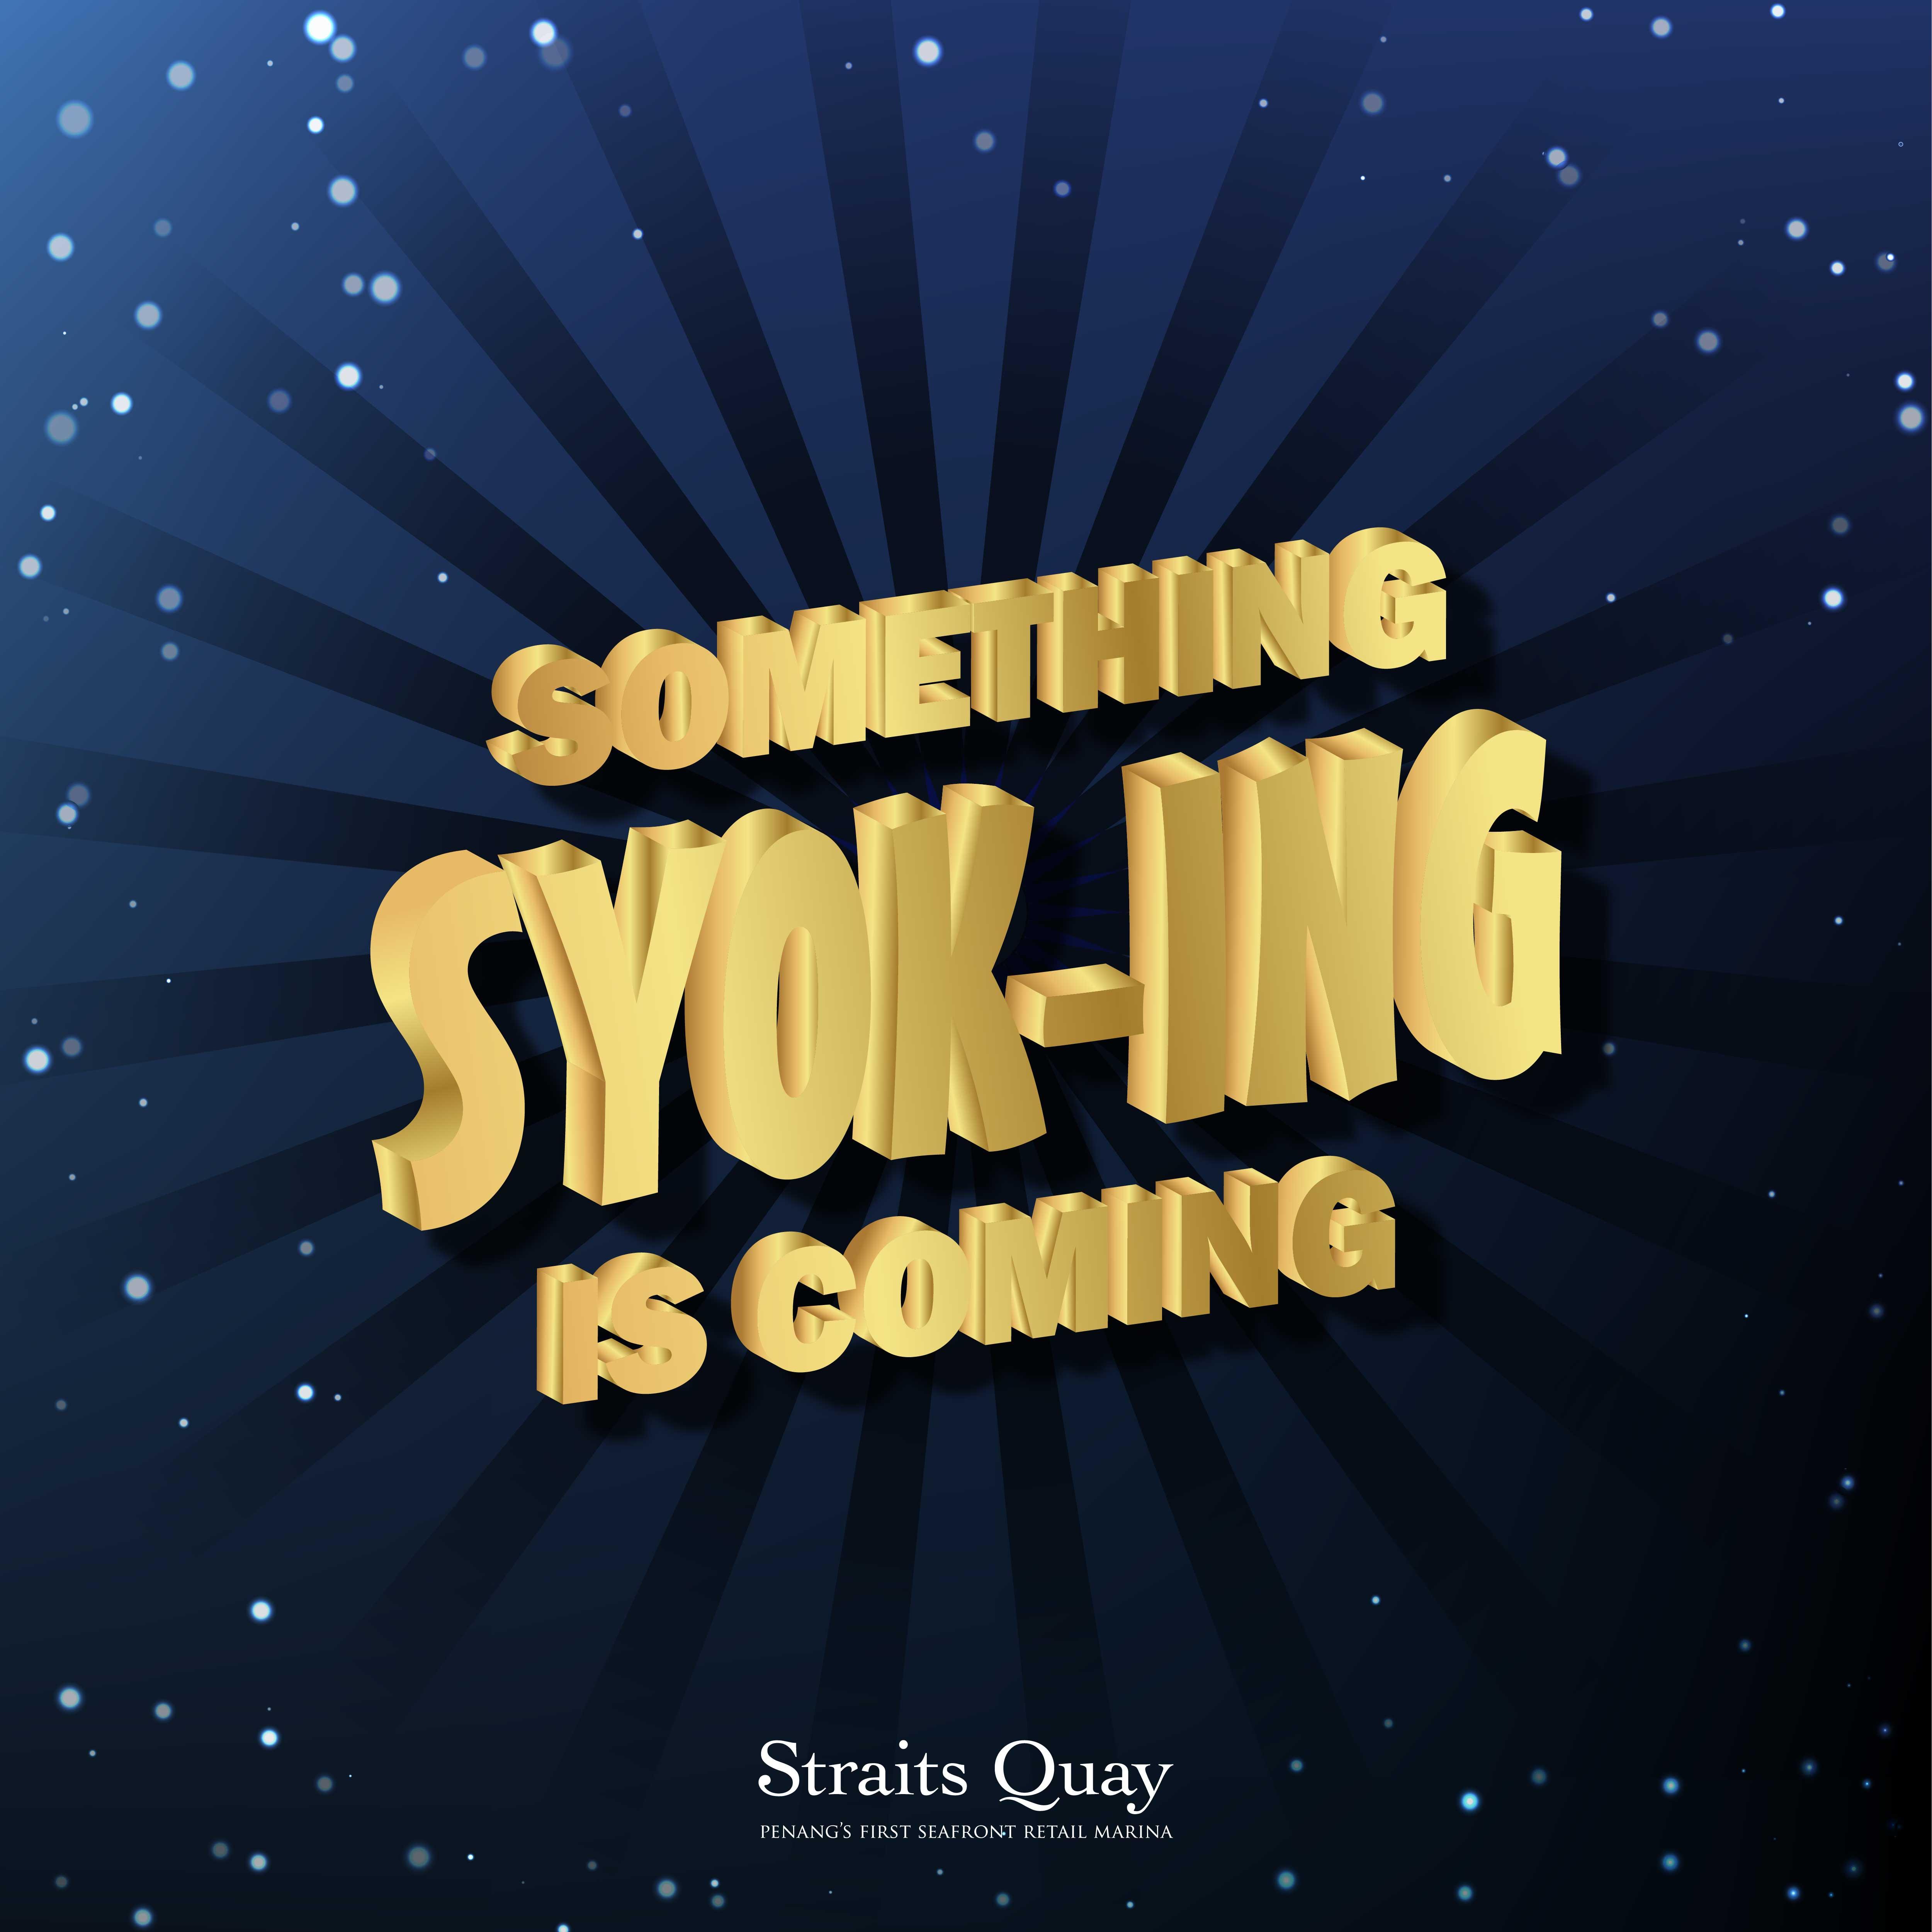 syok-ing-bonanza-teaser